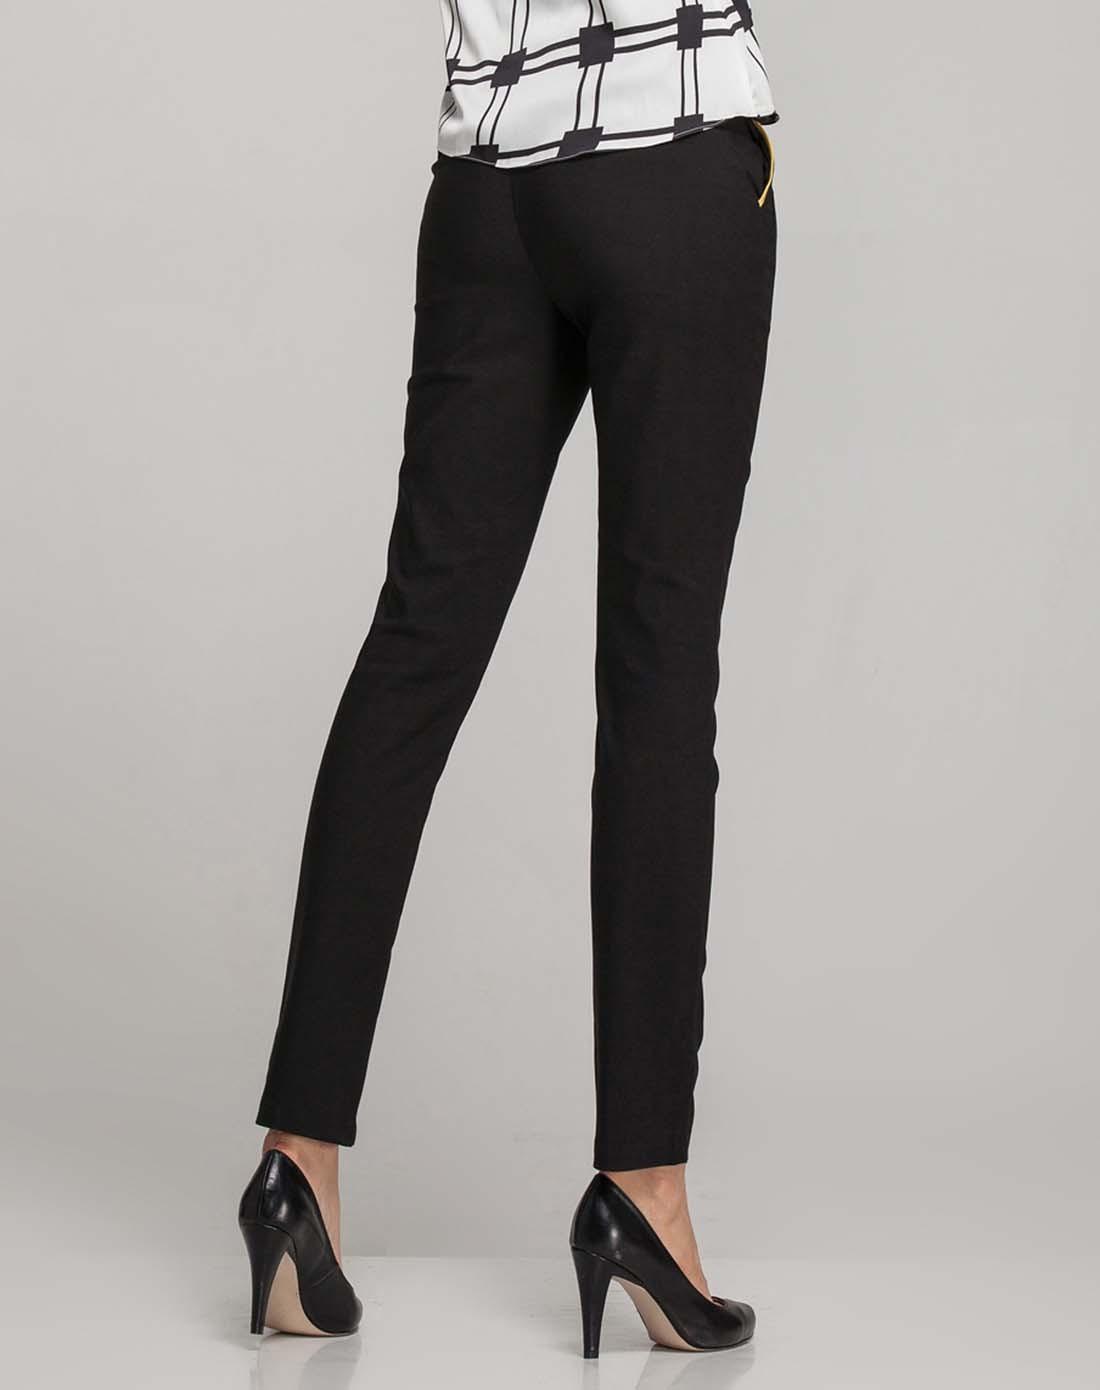 优衣美女裤专场黑色拼接口袋小脚铅笔长裤1424168b